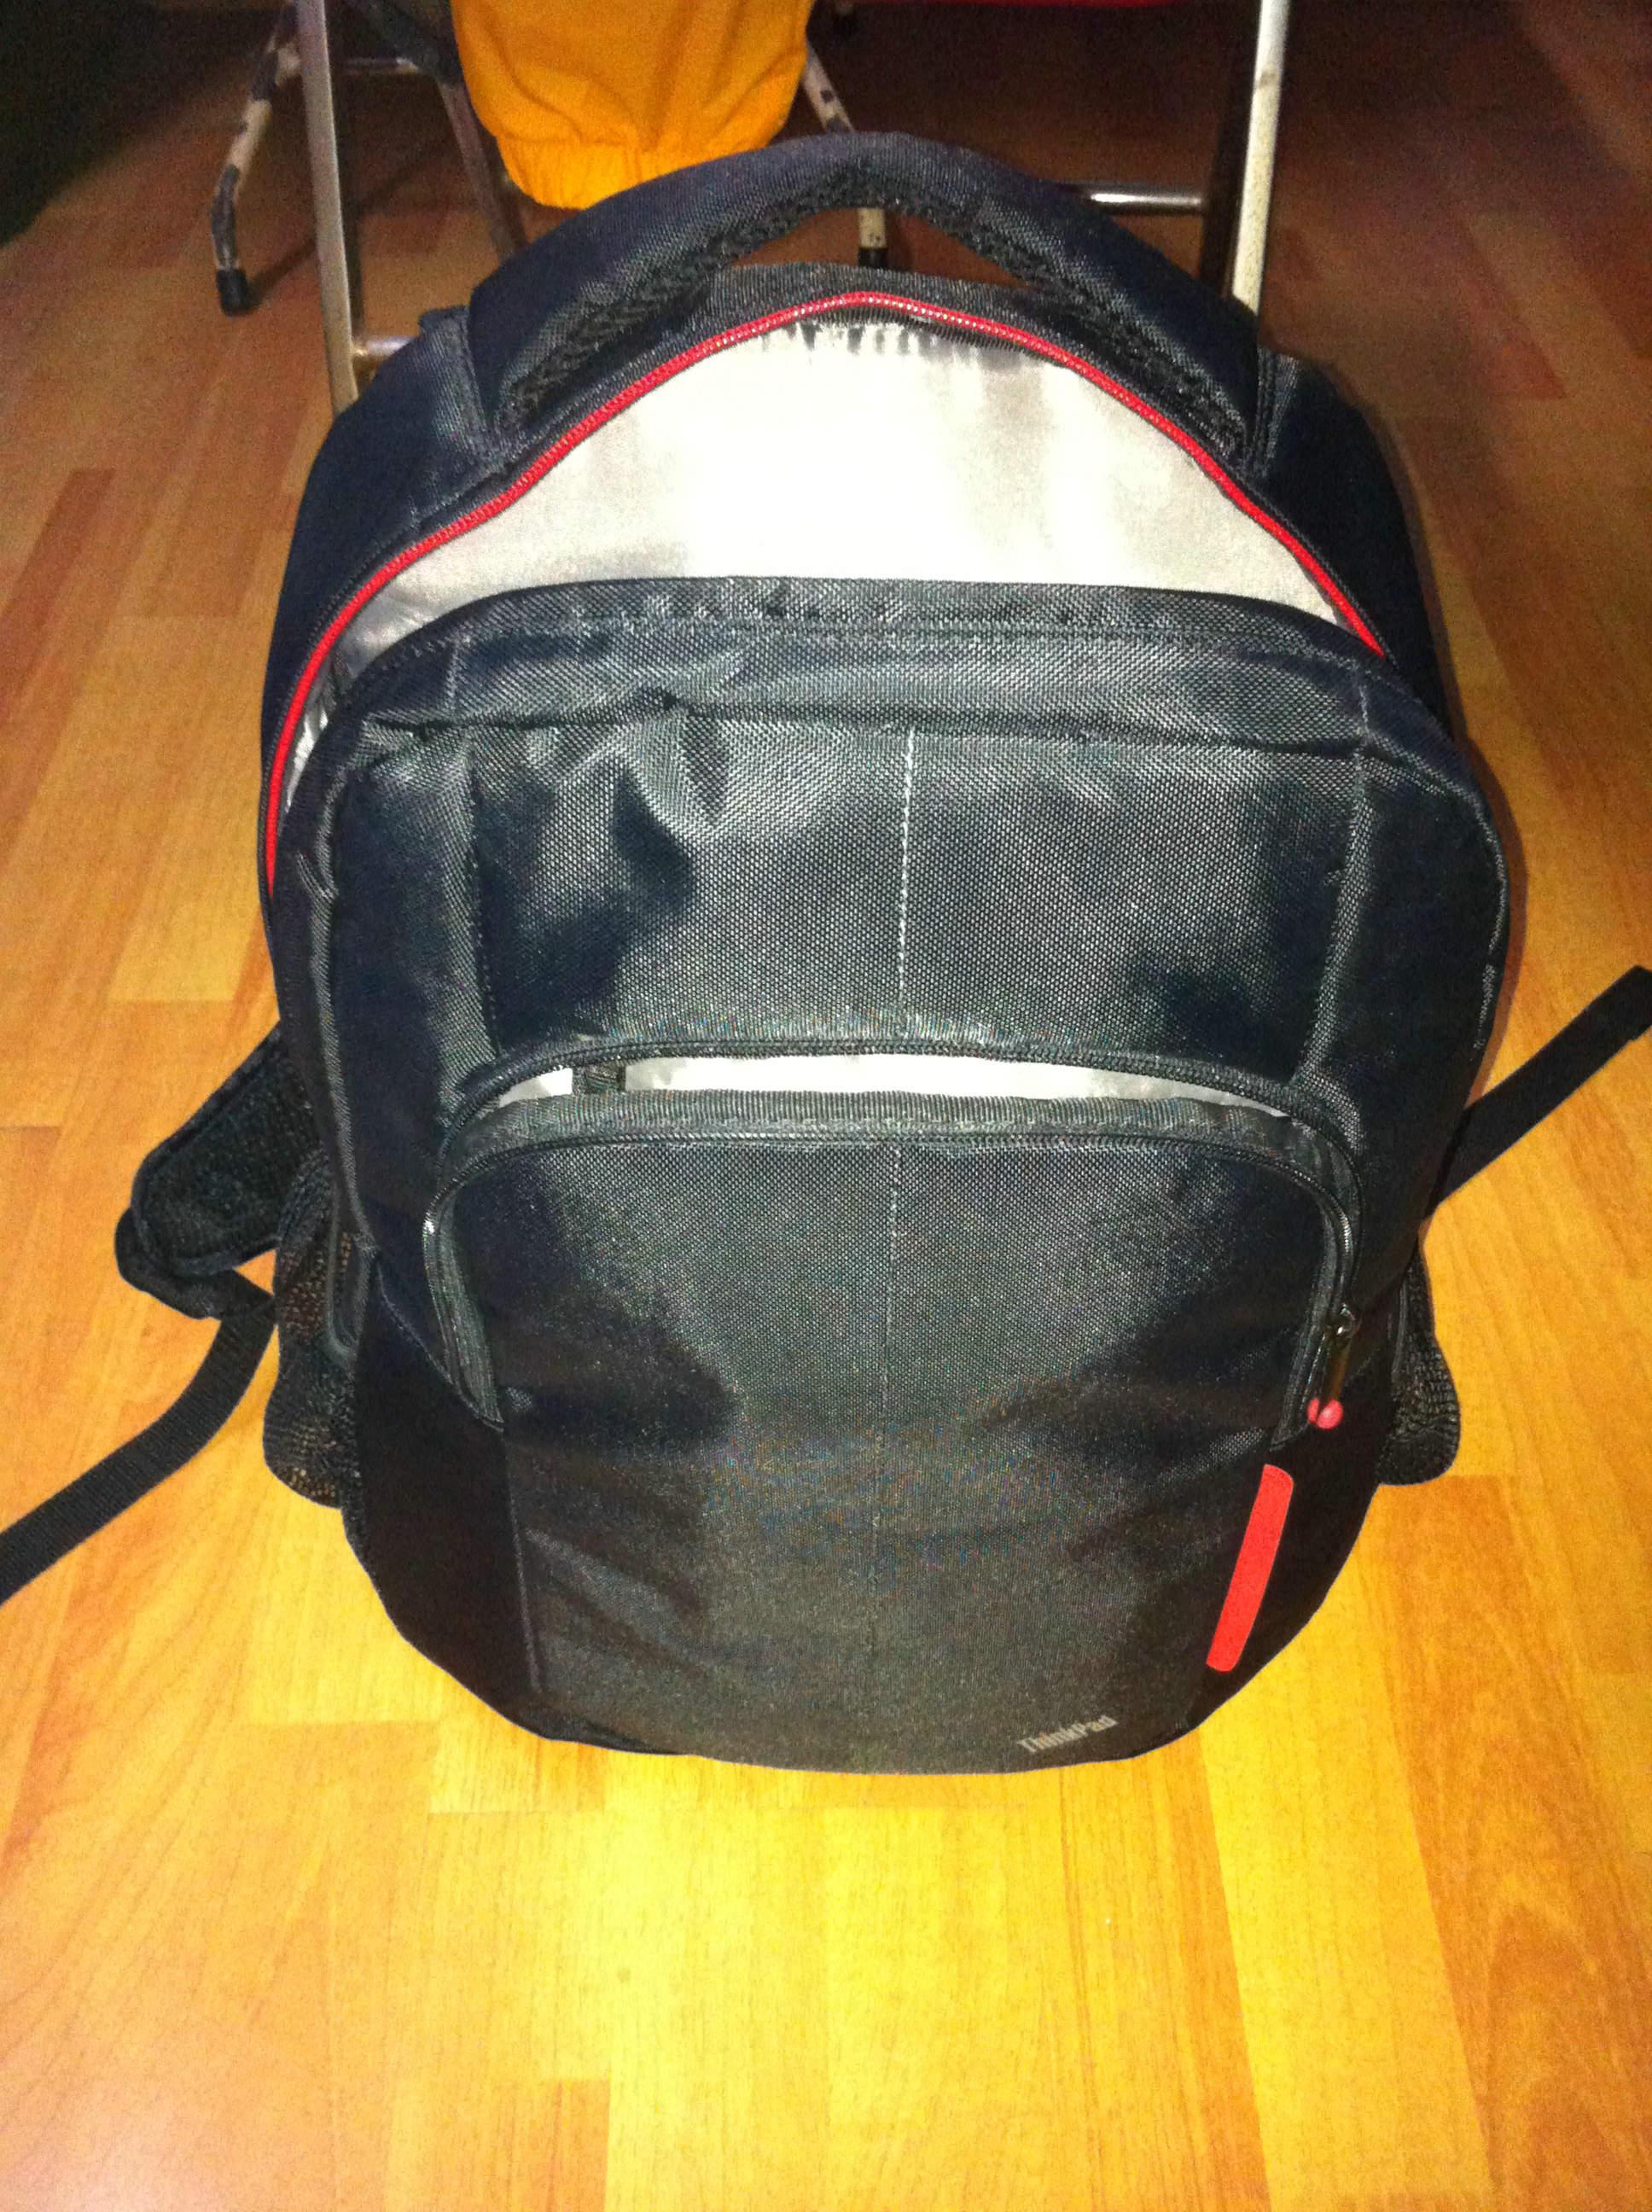 thinkpad 78y2371 粗犷型笔记本双肩背包--很舒服的